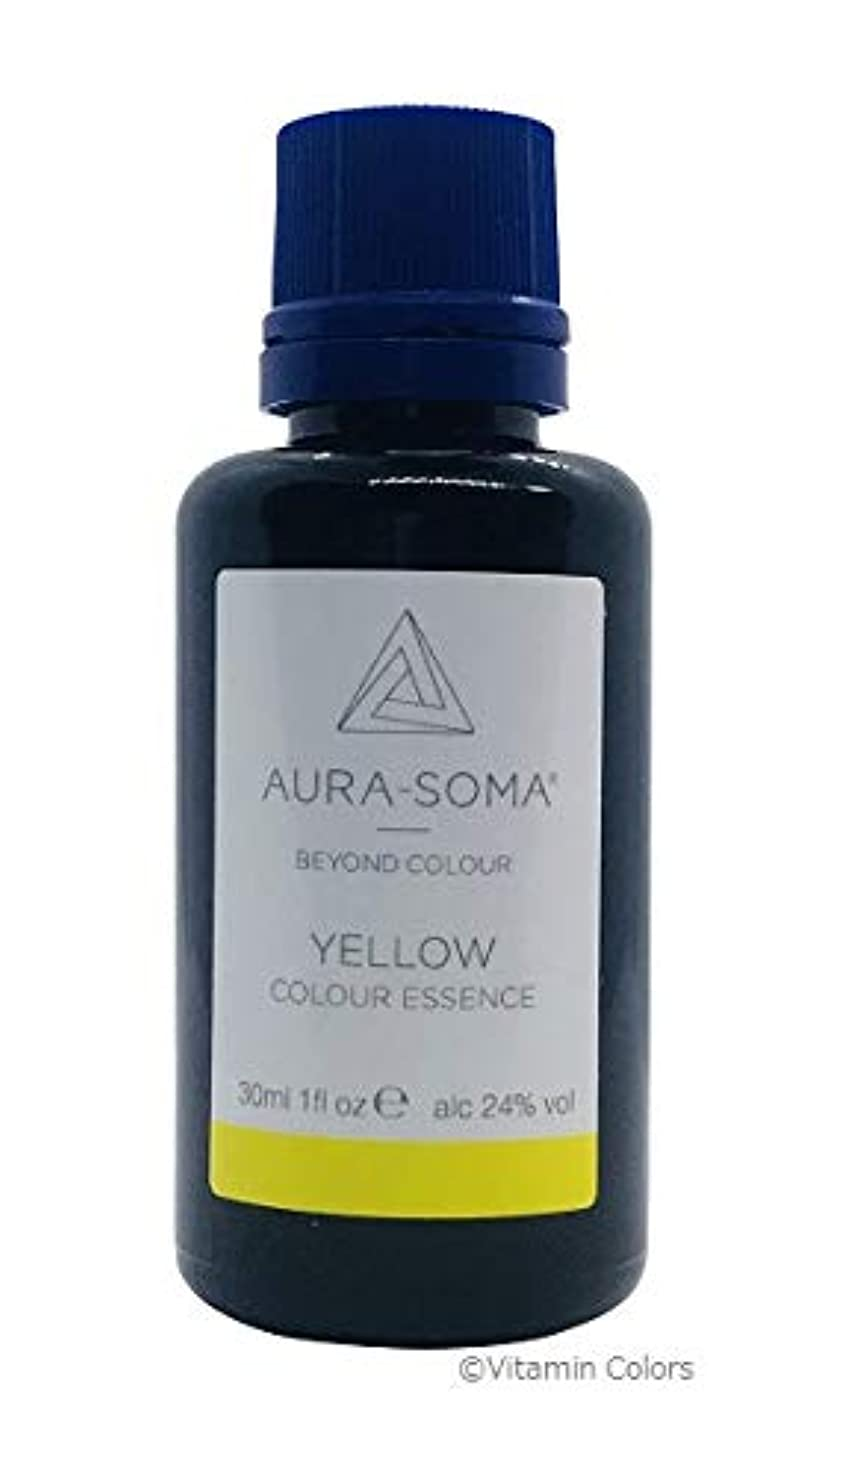 勧告より平らな竜巻オーラソーマ カラーエッセンス イエロー/30ml Aurasoma